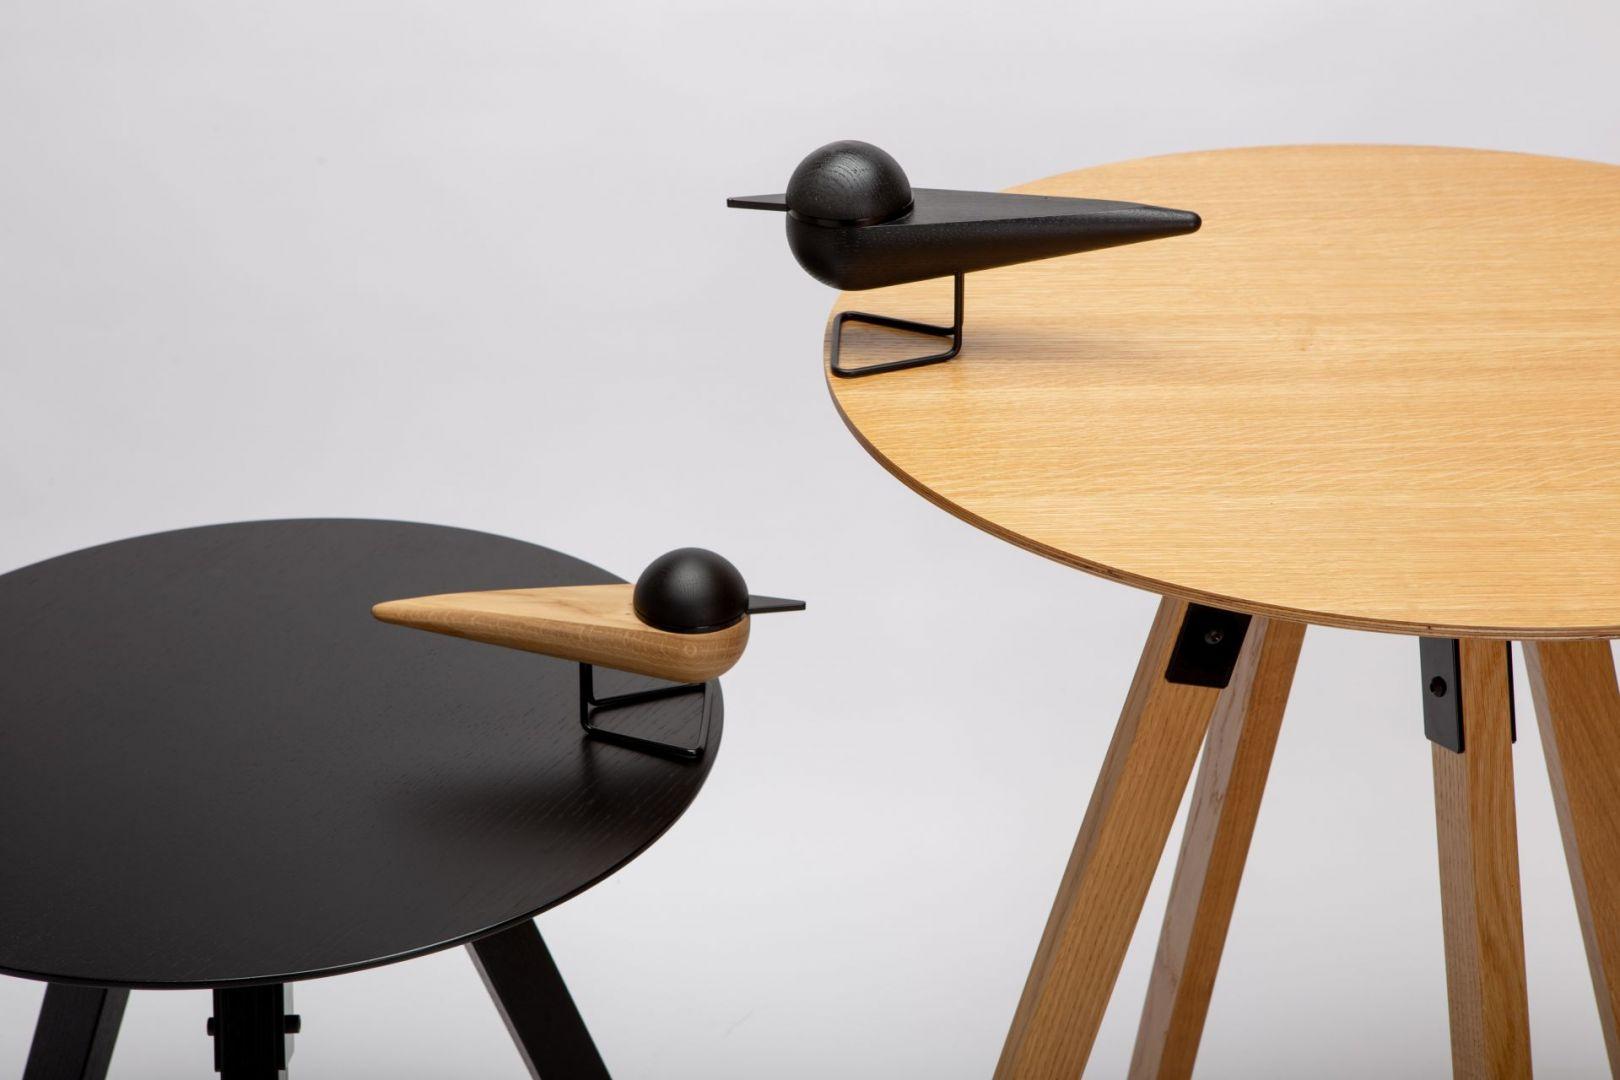 Naturalne usłojenie figurki Rybitwa podkreśla wosk na bazie naturalnych składników. Na zdjęciu w towarzystwie stolika Latte.